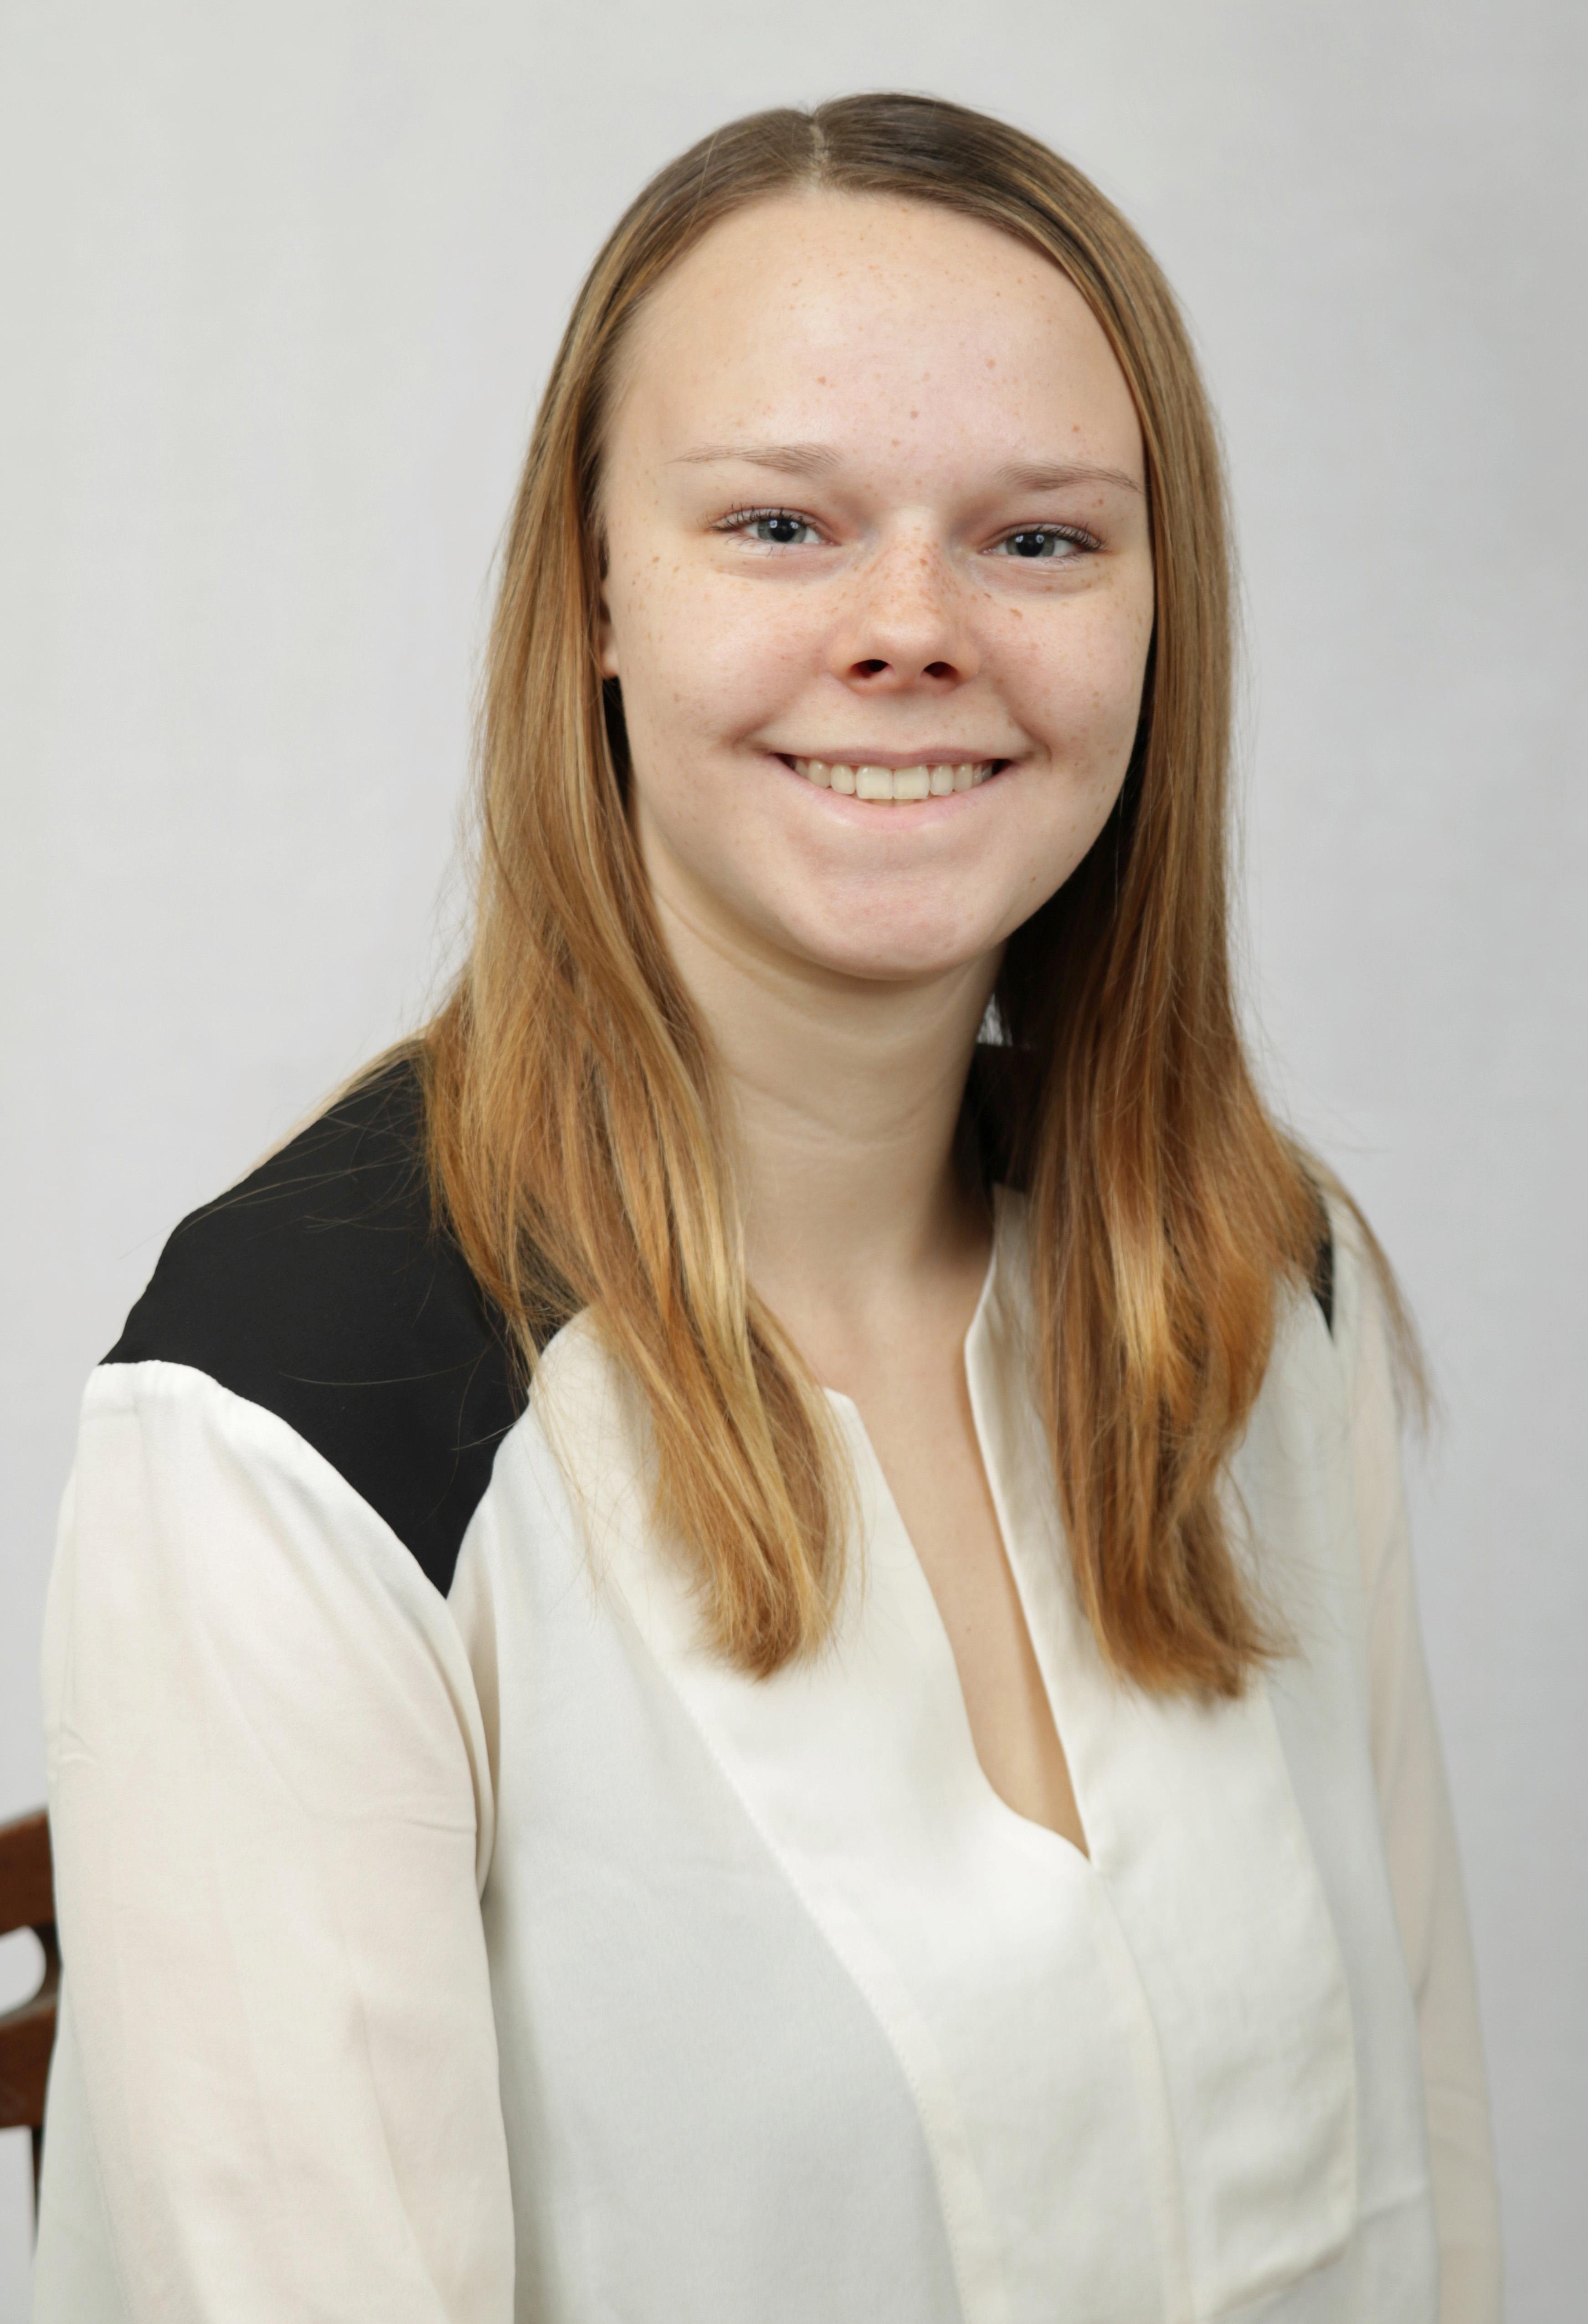 Victoria Andrachek